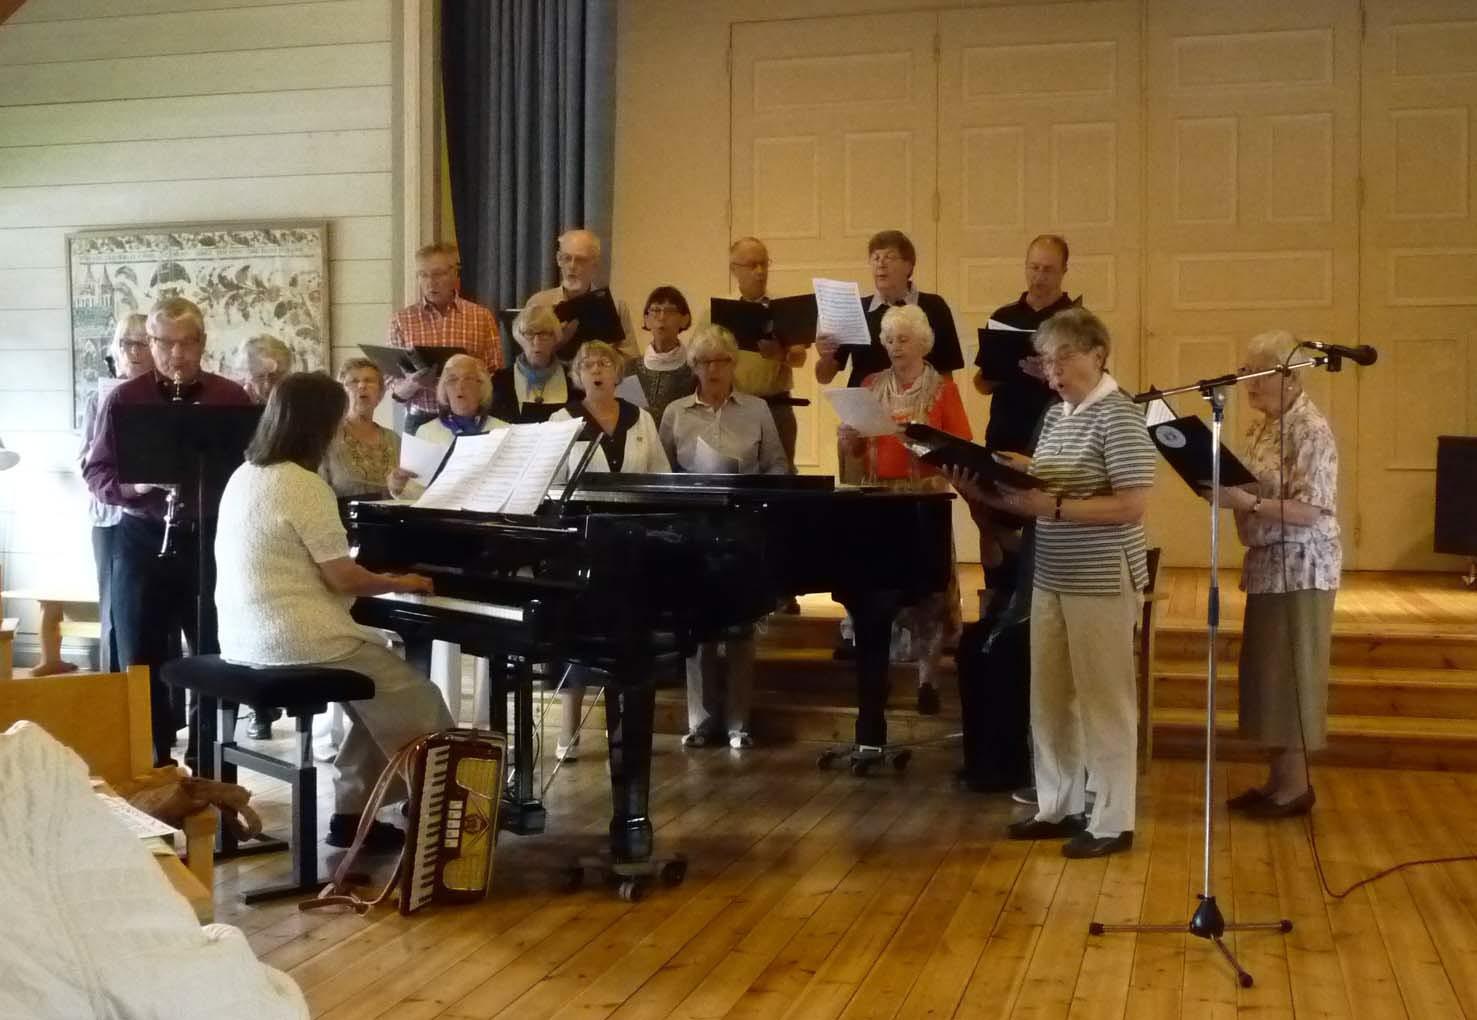 Kören sjunger på ett medlemsmöte